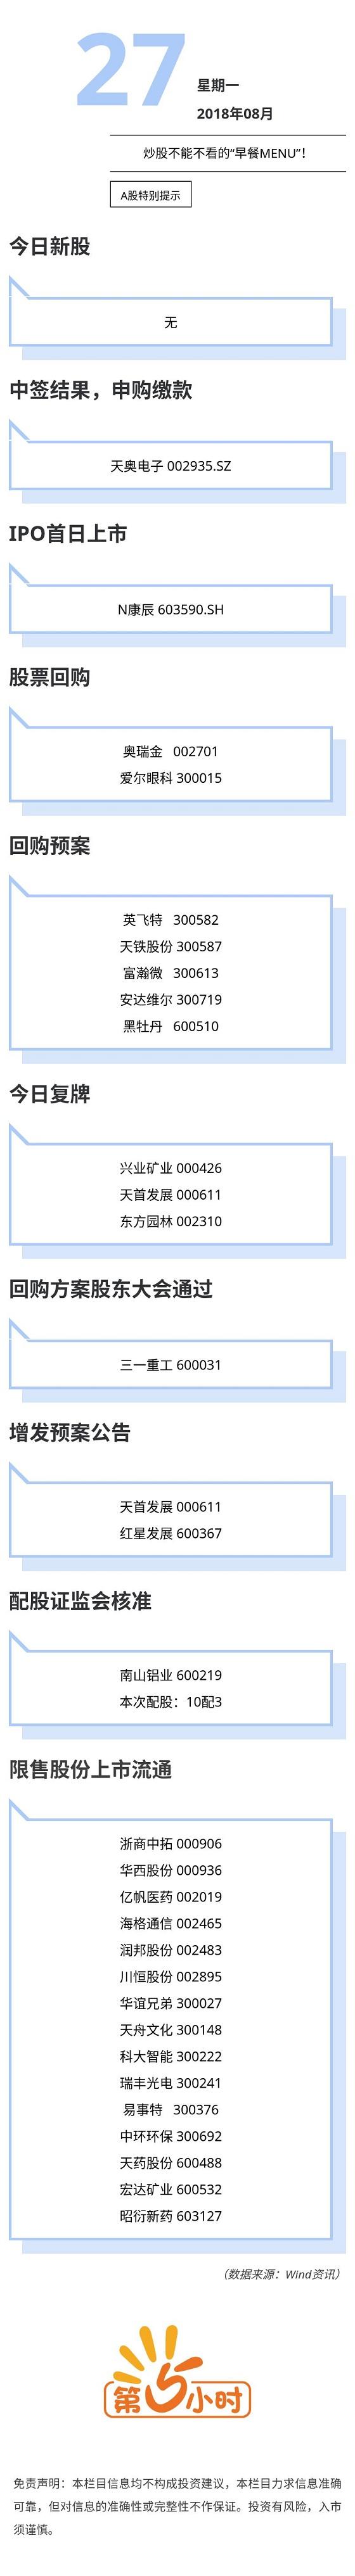 A股特别提示(2018-08-27).jpg